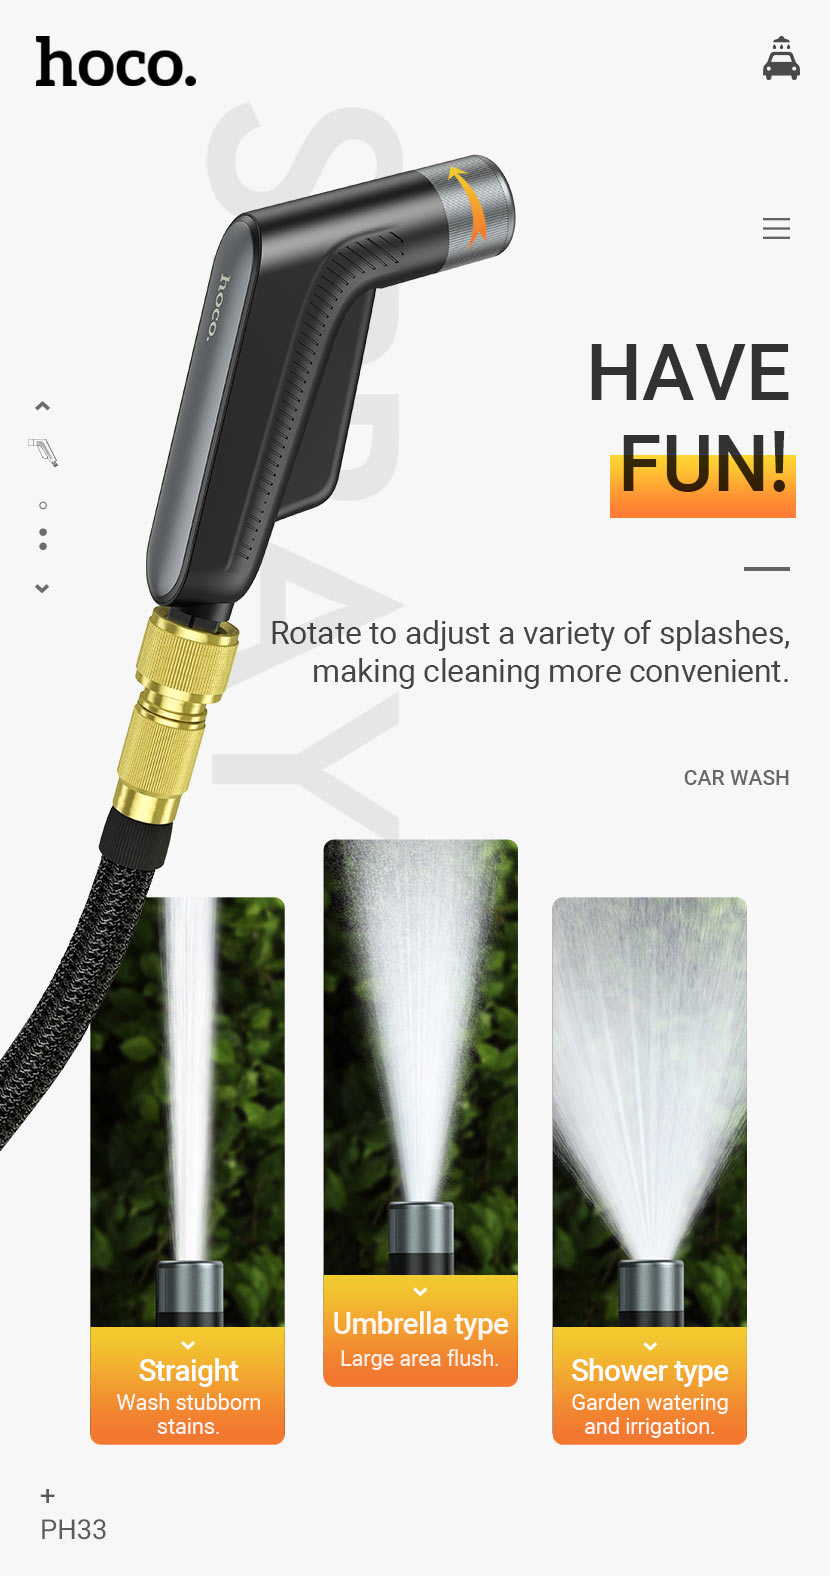 hoco news ph33 clair car wash water gun set fun en